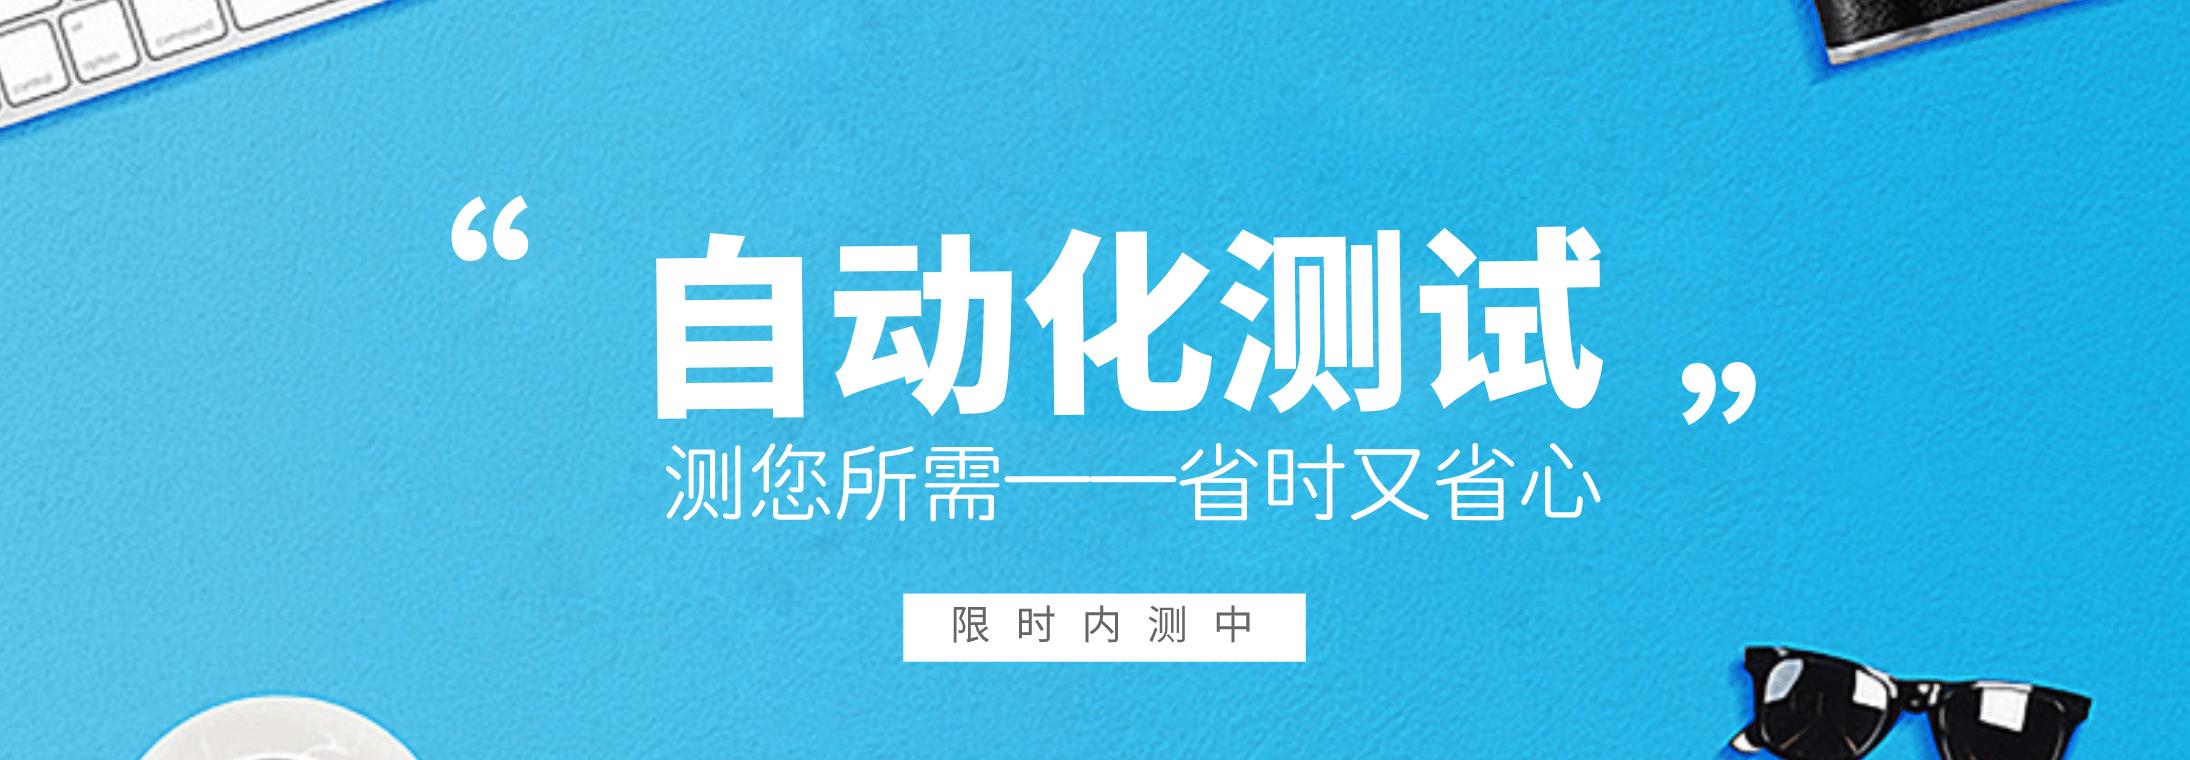 内测招募!| UWA自动化测试强势来袭!